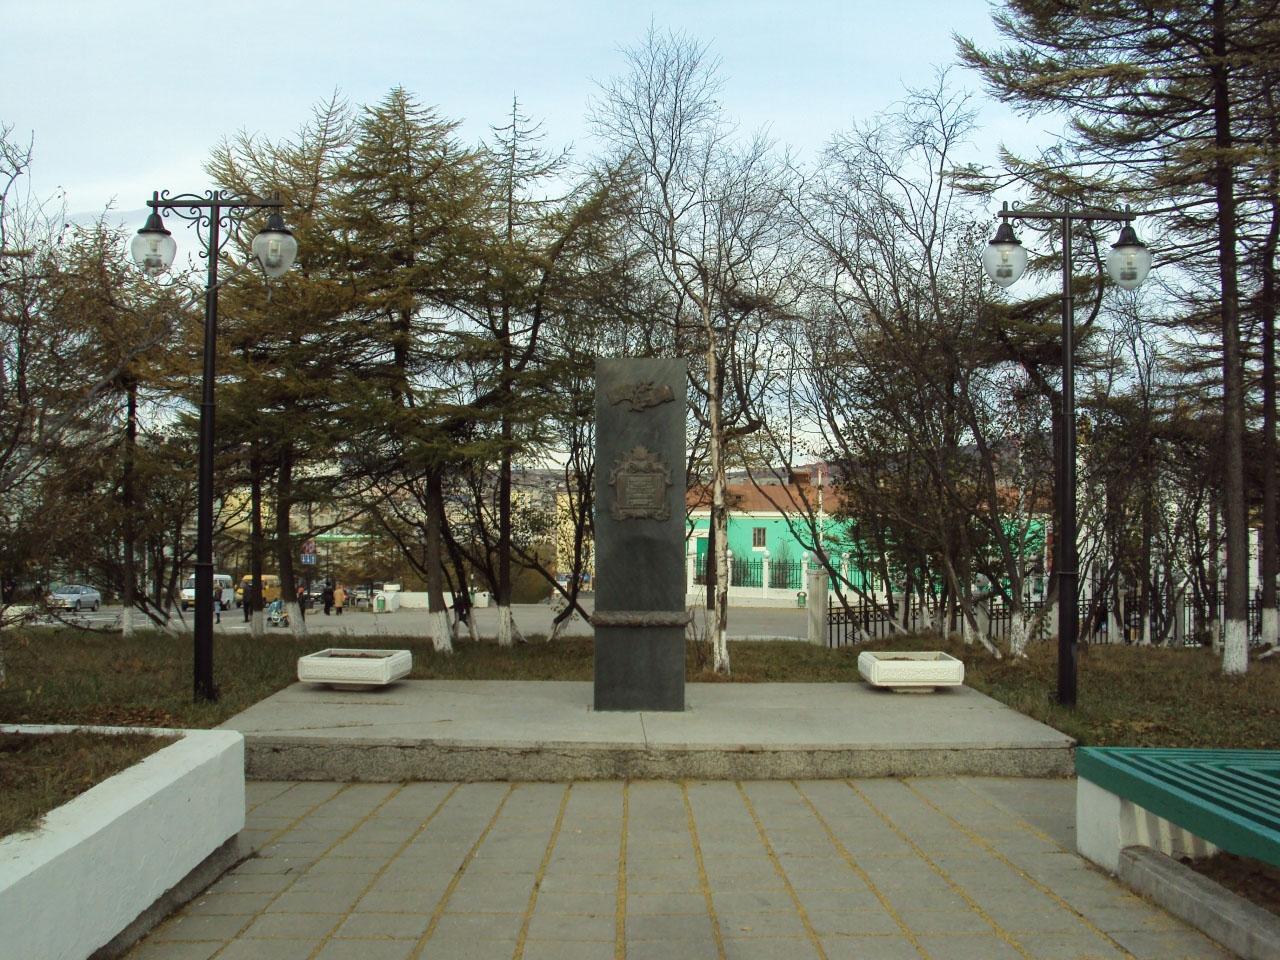 Стела Памяти на проспекте Ленина возле входа в городской парк была открыта 2 сентября 1996 года. Она посвящена участникам боевых действий в годы второй мировой войны против милитаристской Японии.